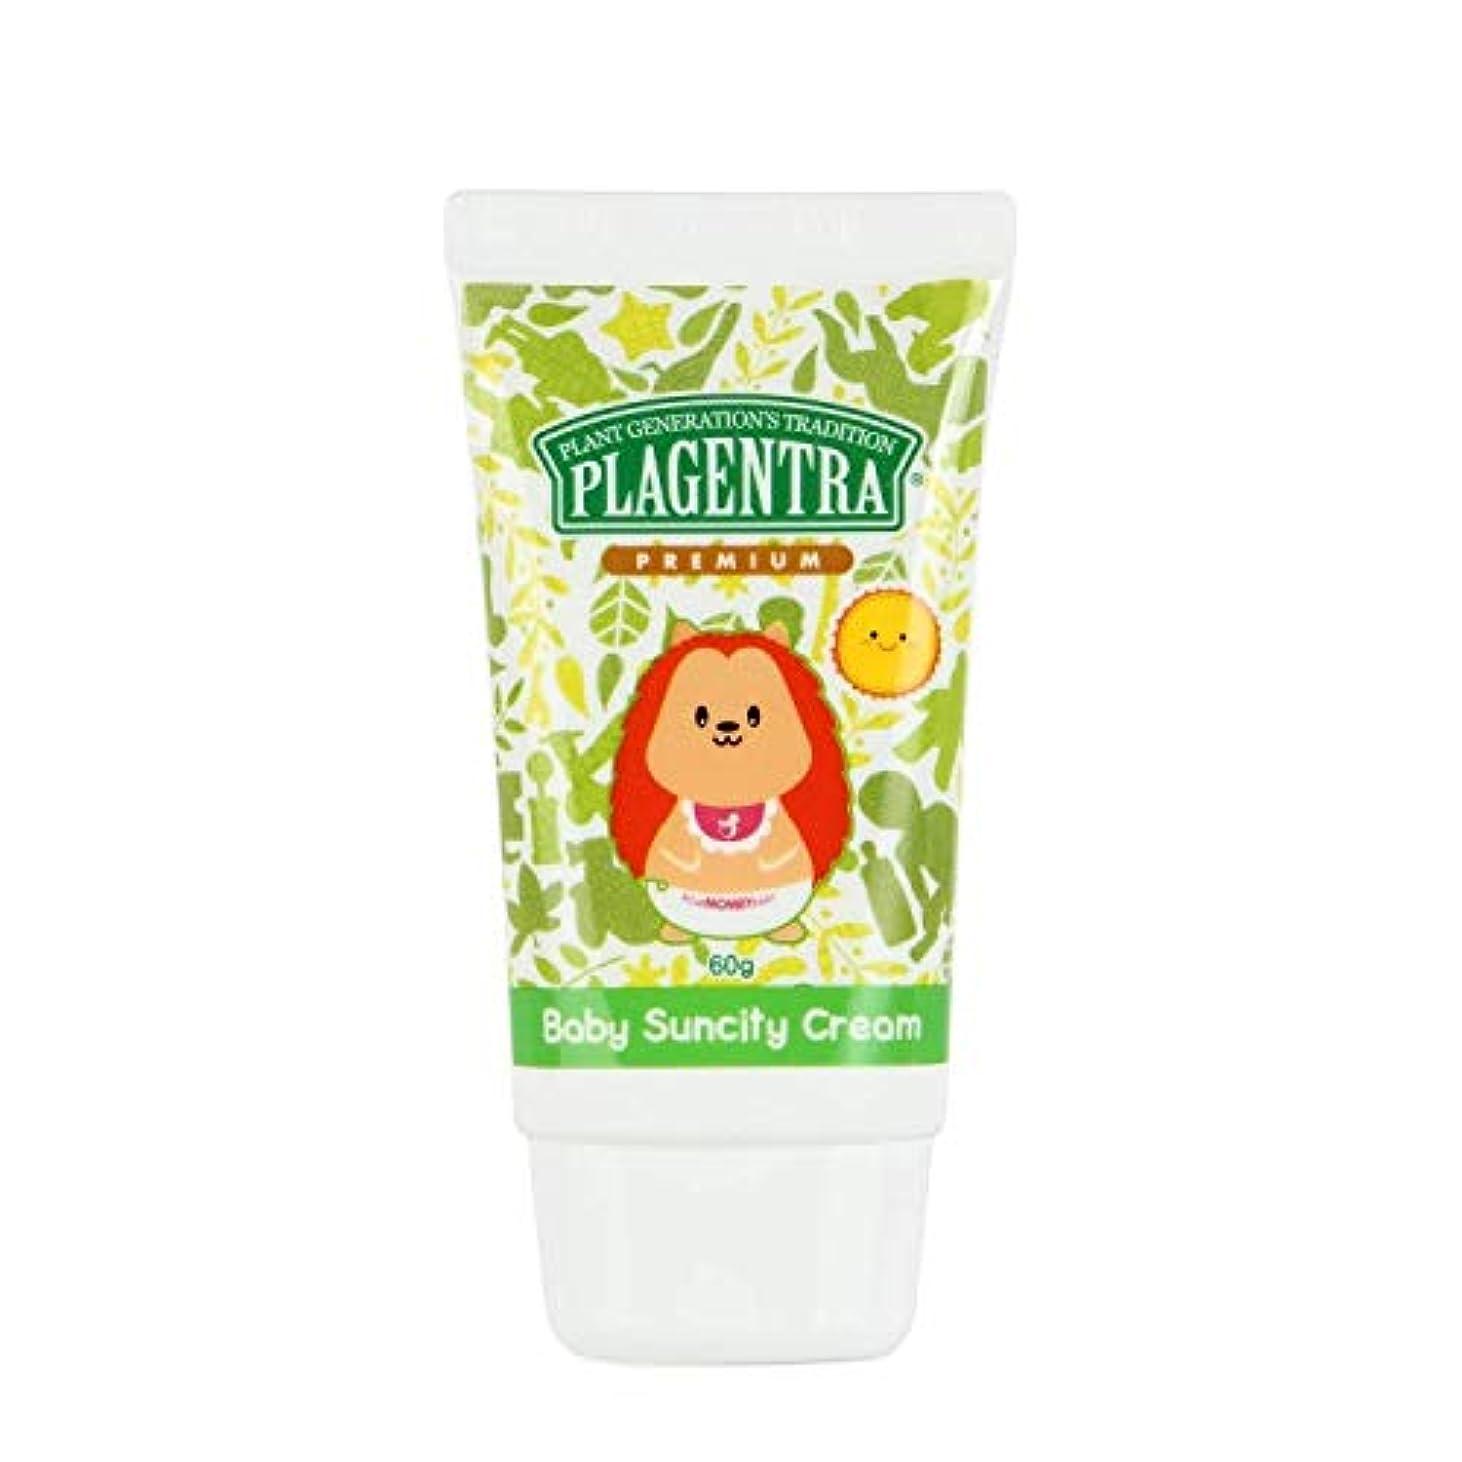 実り多いキャプテンブライポーズ[ PLAGENTRA ] Baby Suncity Cream (60g) Natural Sunscreen 韓国 日焼け止め